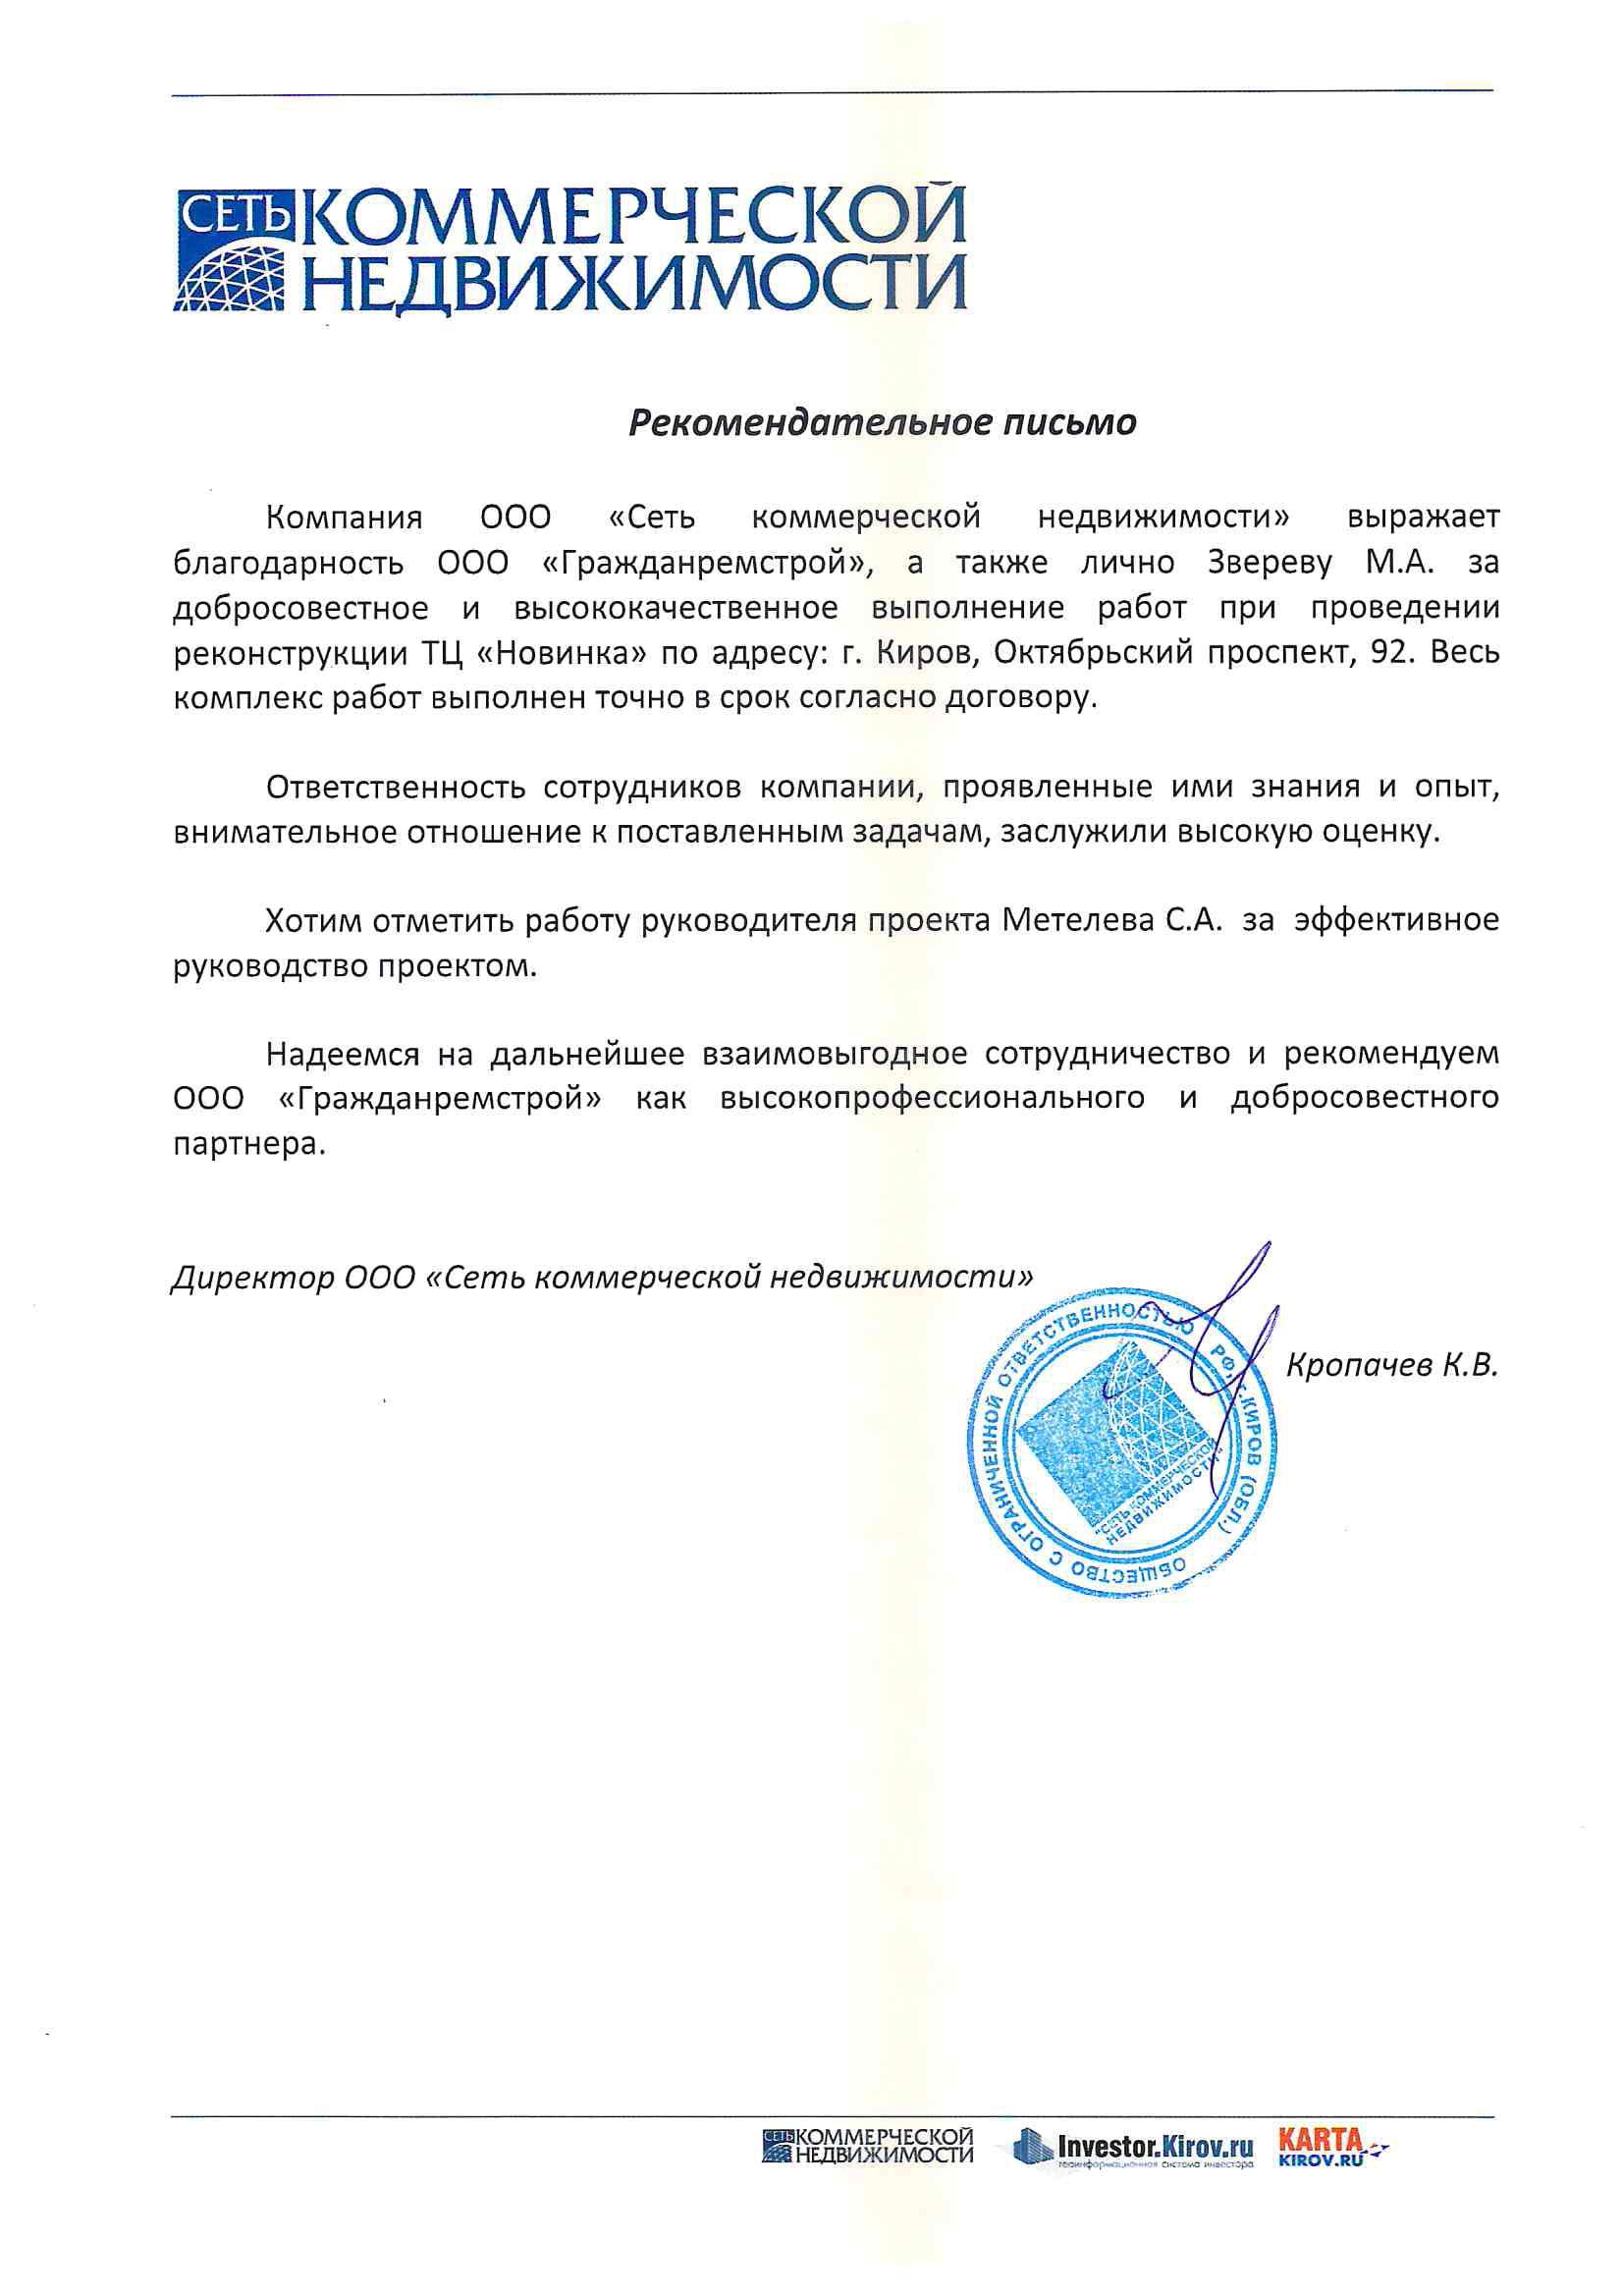 Сеть коммерческой недвижимости (ТЦ Новинка), рекомендательное письмо (ГРС)